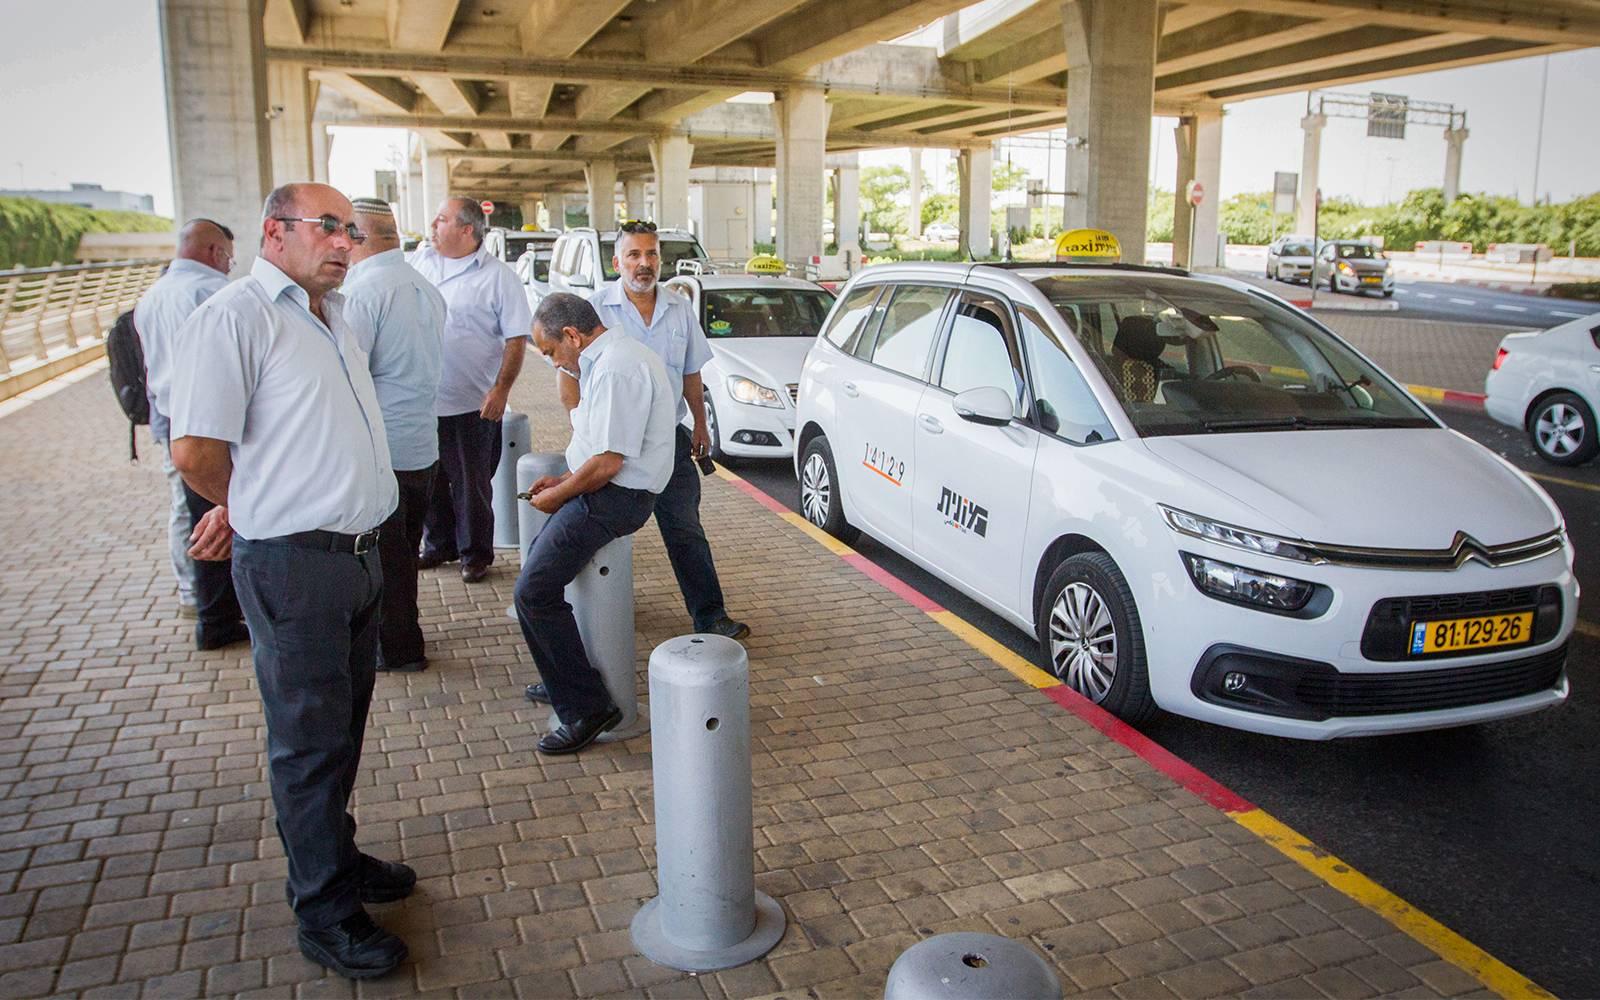 Как найти работу в израиле для туристов в  2021  году